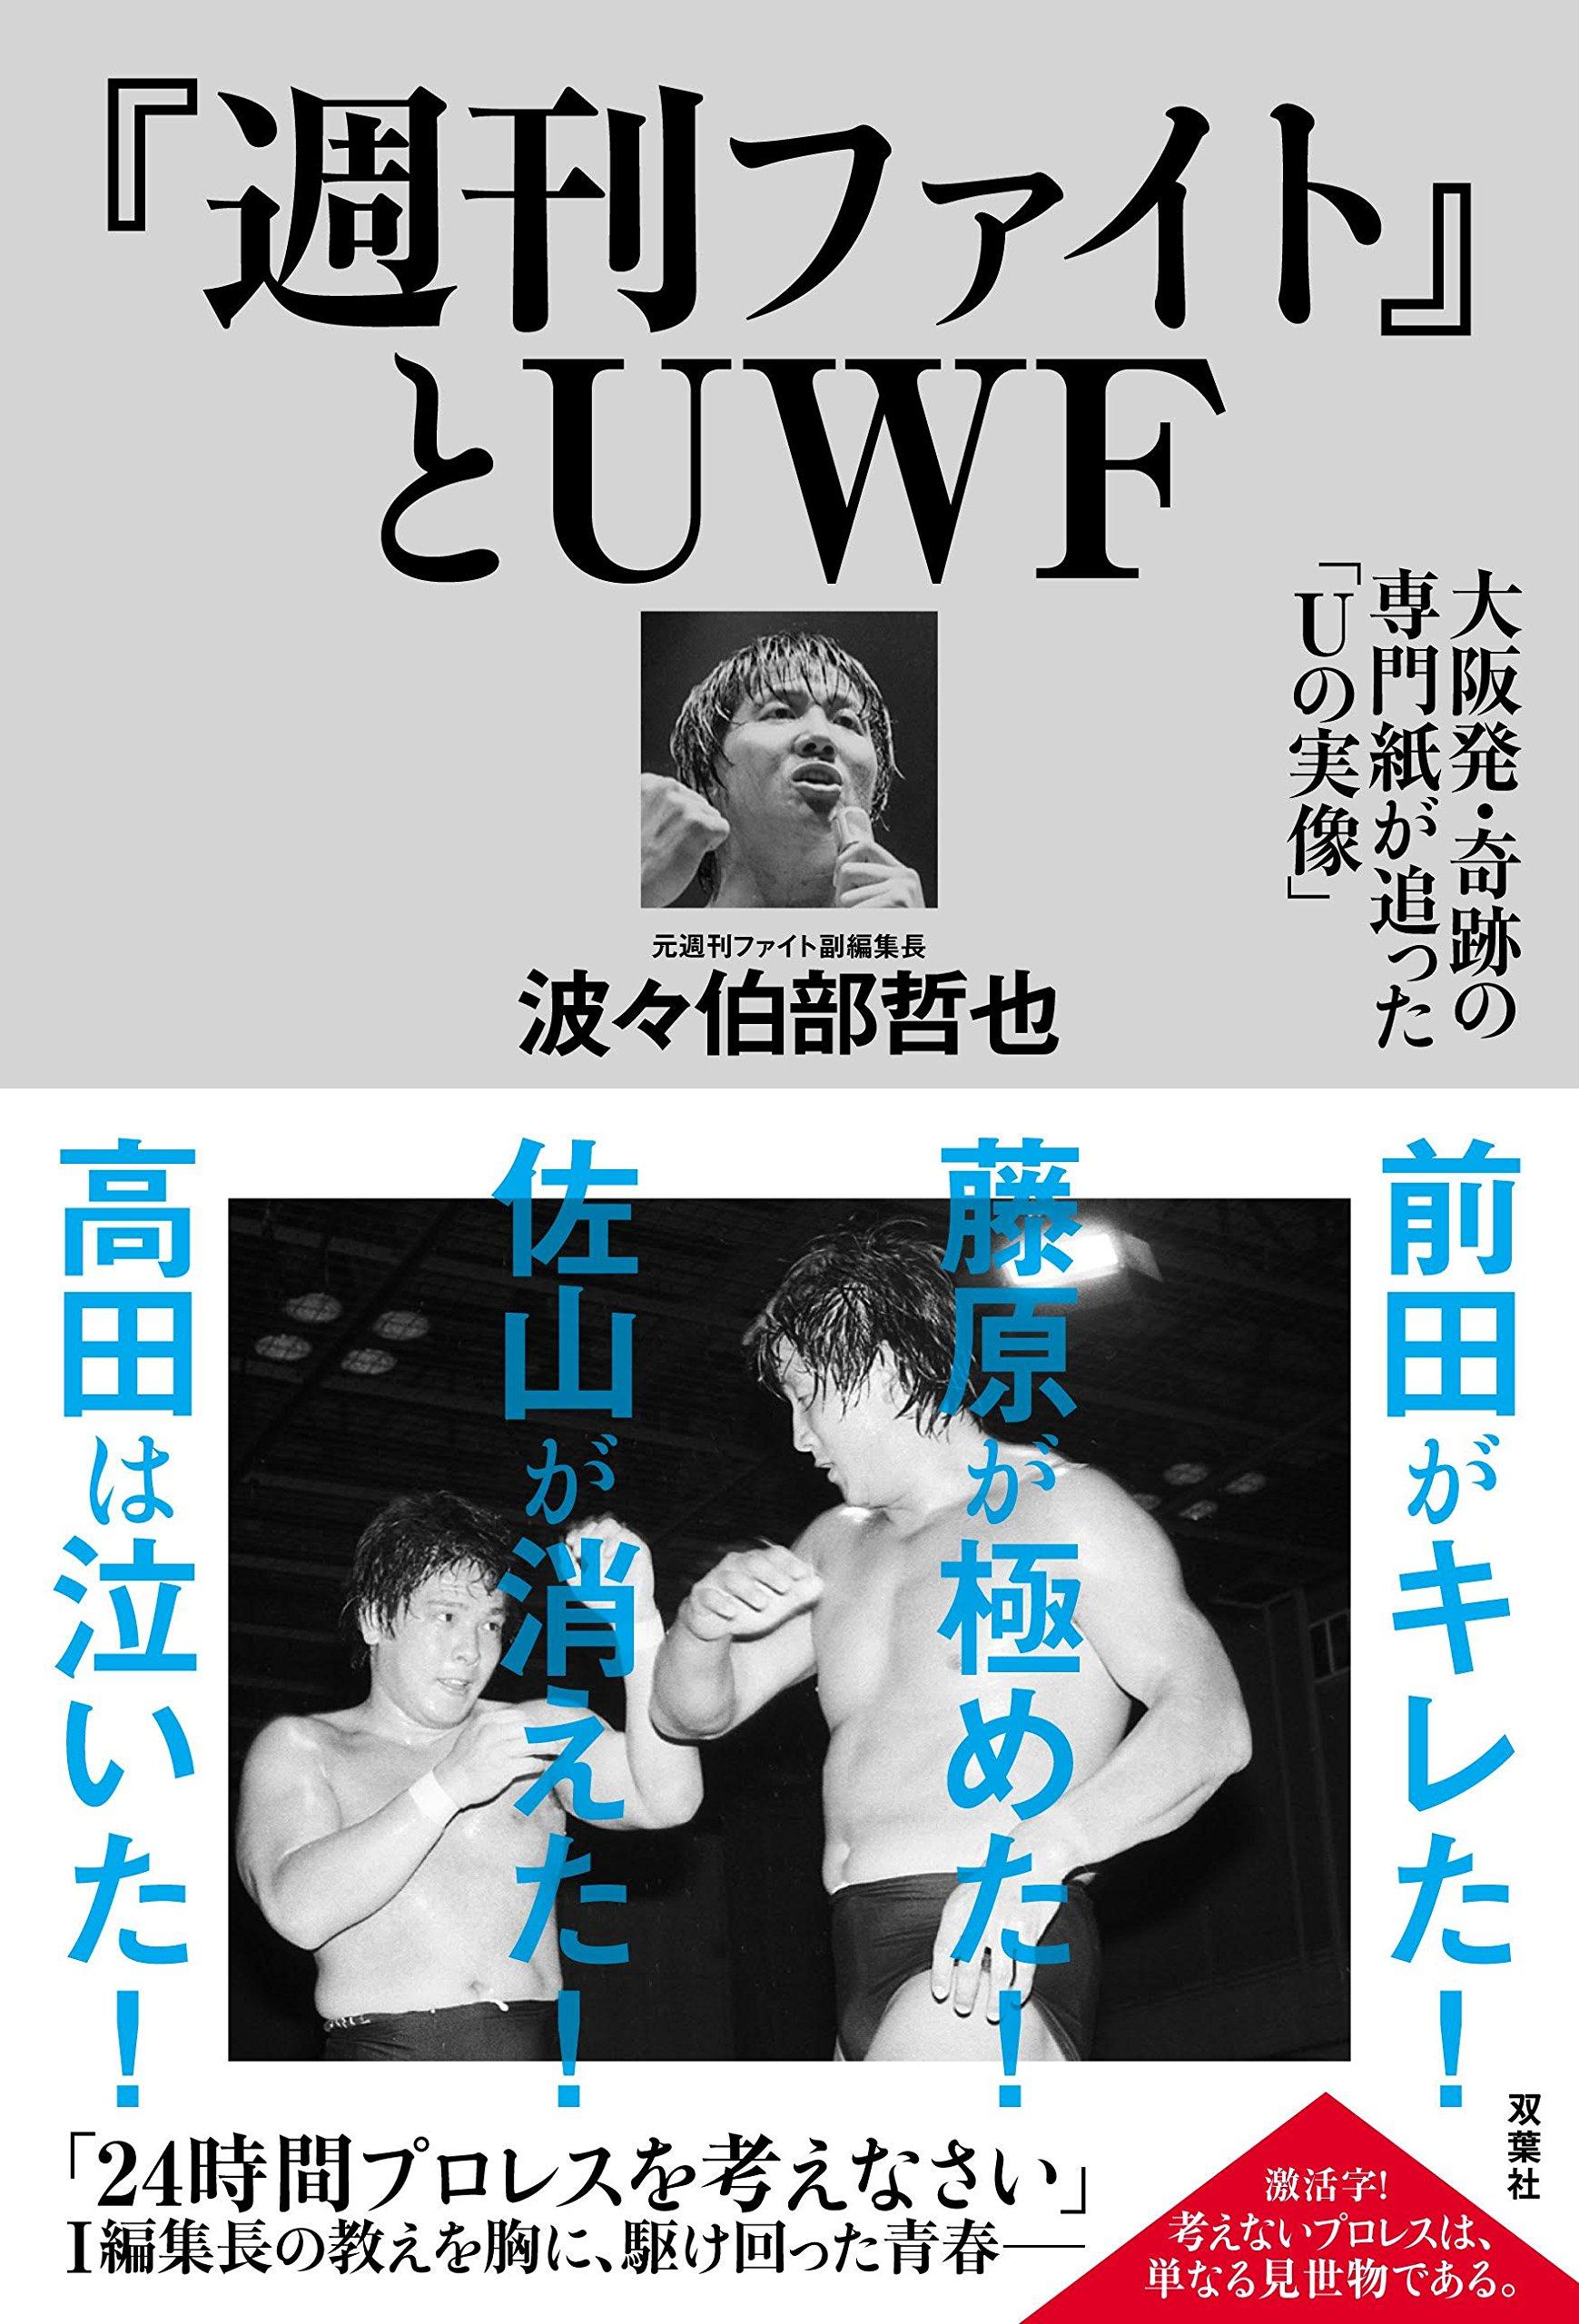 週刊ファイト』とUWF 大阪発・奇...